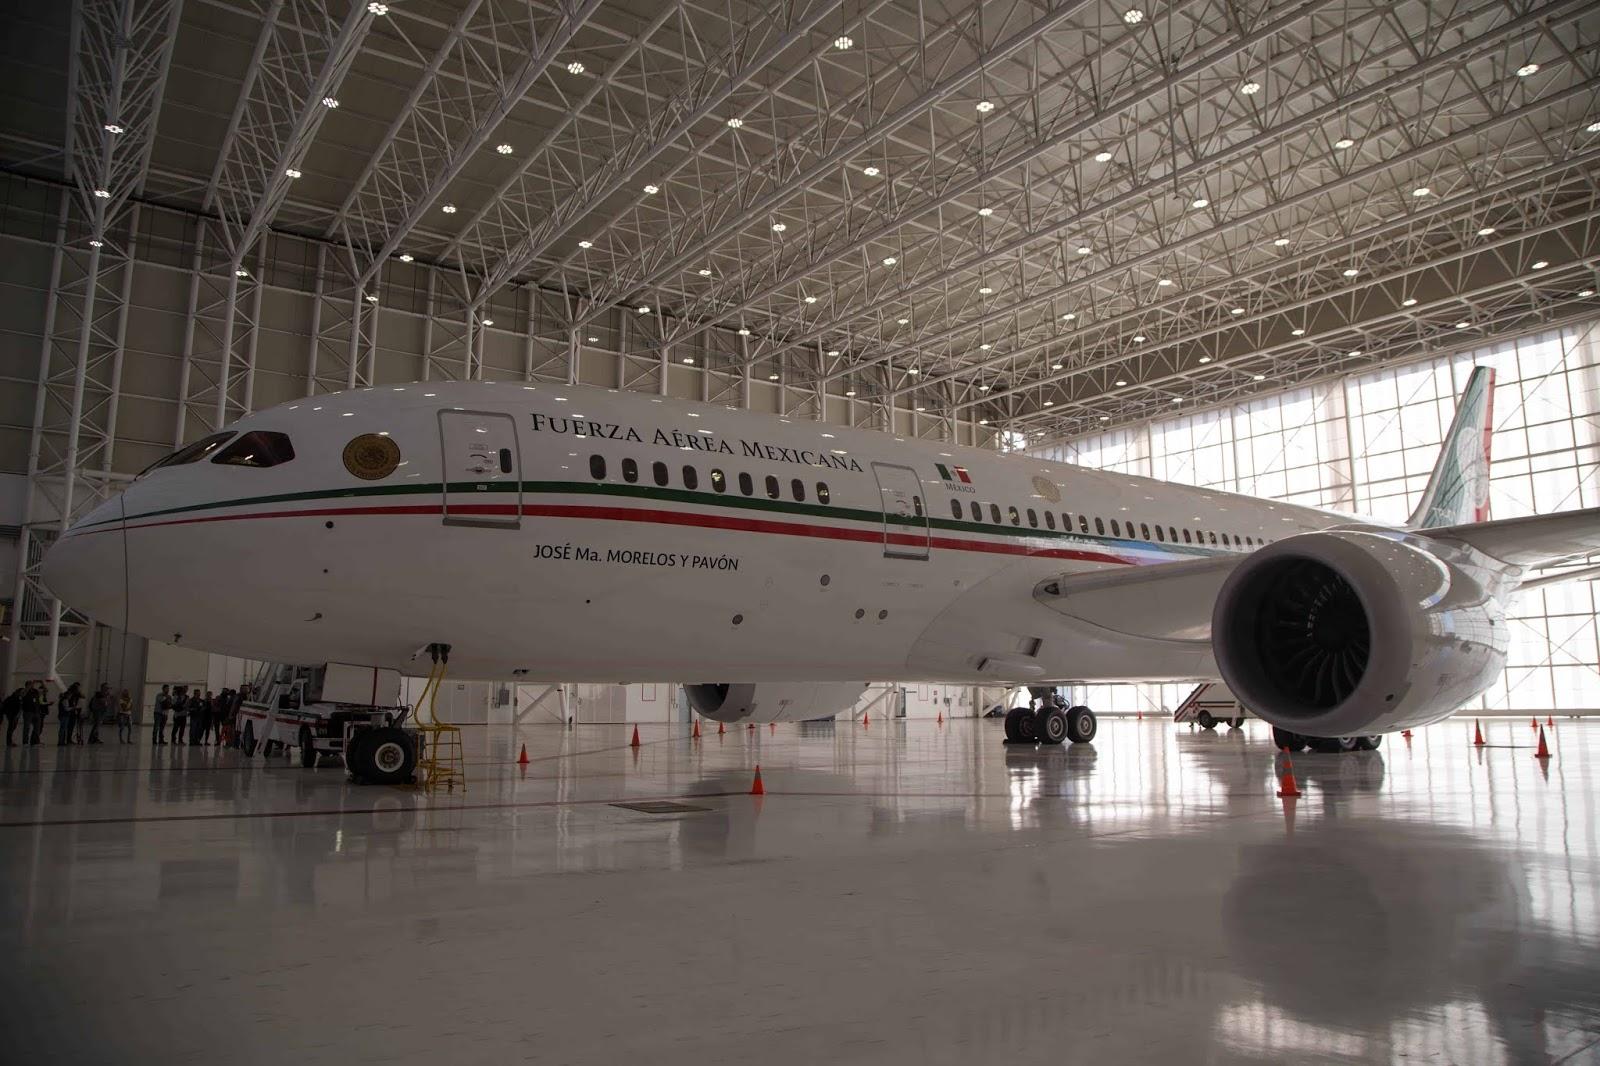 FOTOS: Así es el avión presidencial por dentro